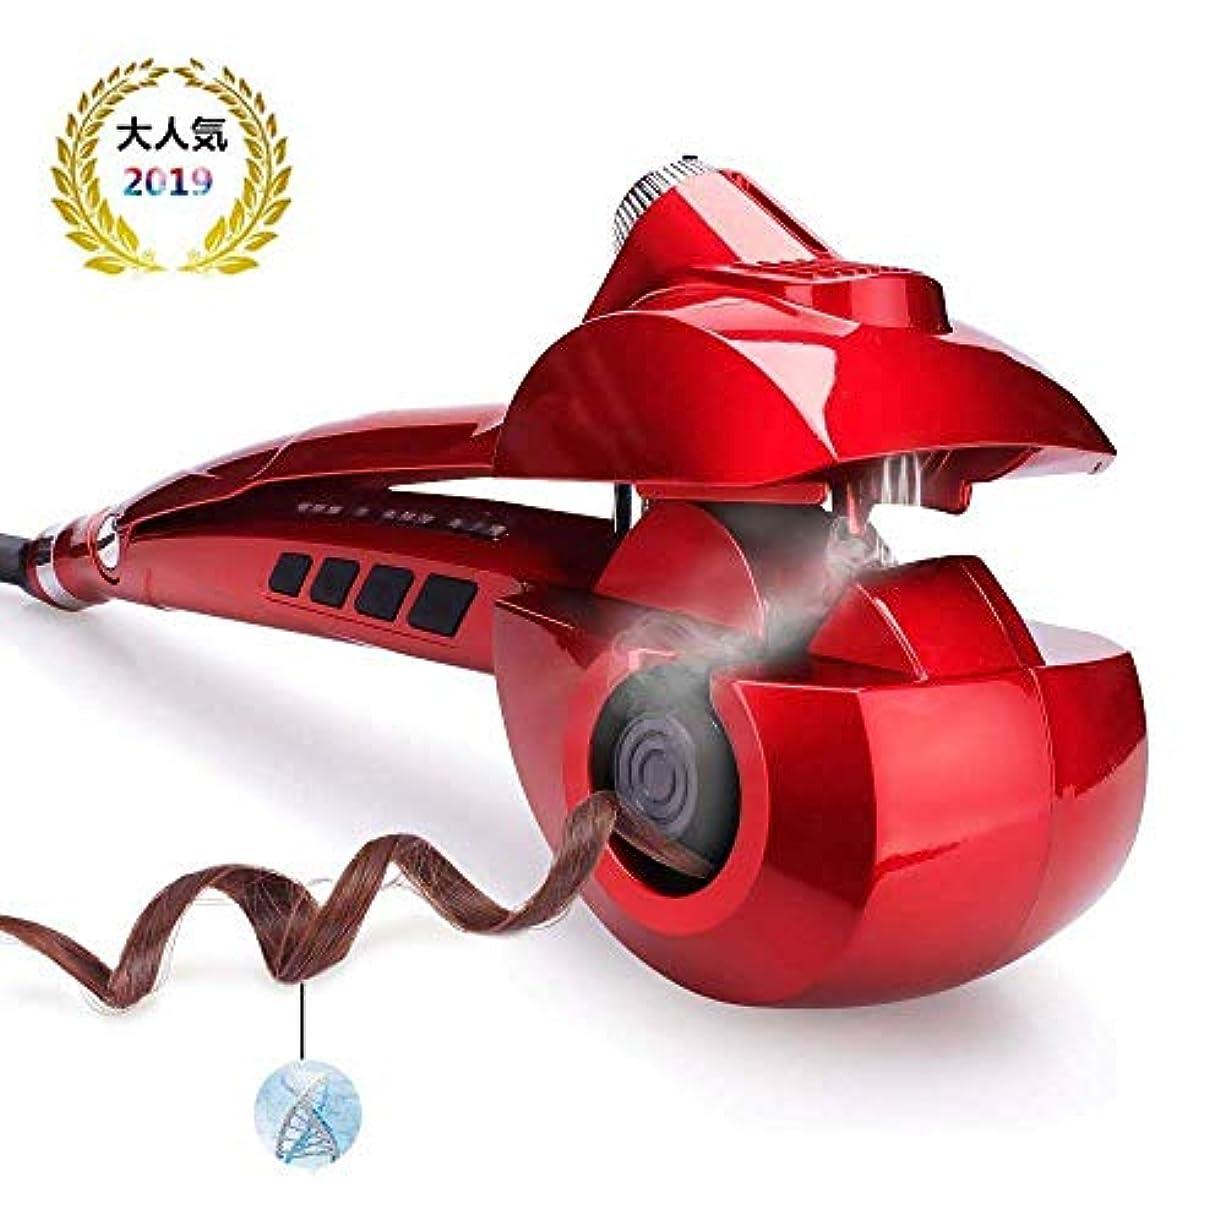 すずめ実験をする命令2019改良型 オート カールアイロン 自動蒸気カールアイロン ヘアアイロン 自動巻き髪 スチーム機能 静電気防止 急速加熱 極上のツヤと潤いカール (赤)